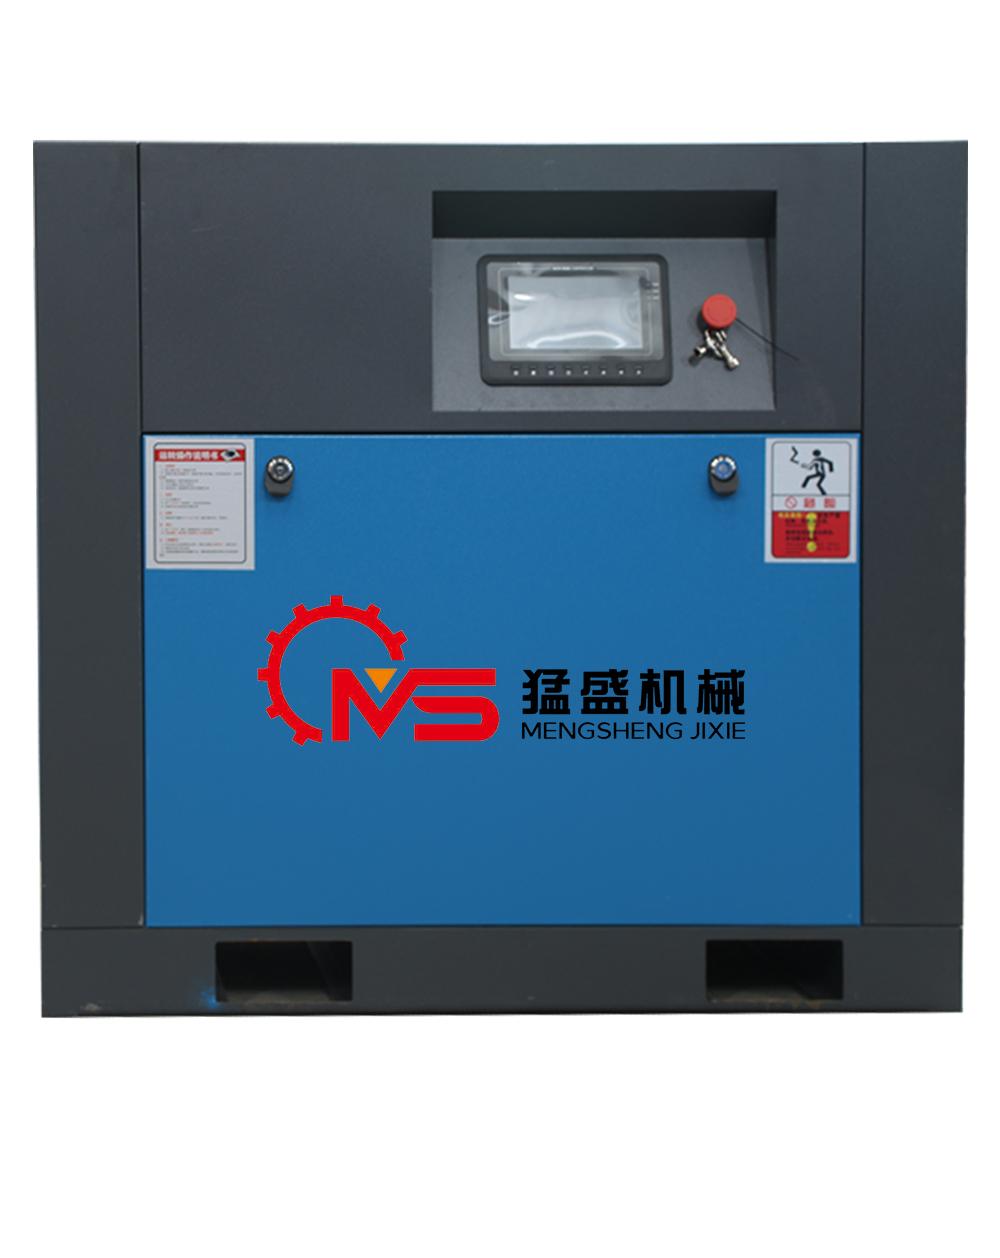 永磁变频螺杆式压缩机